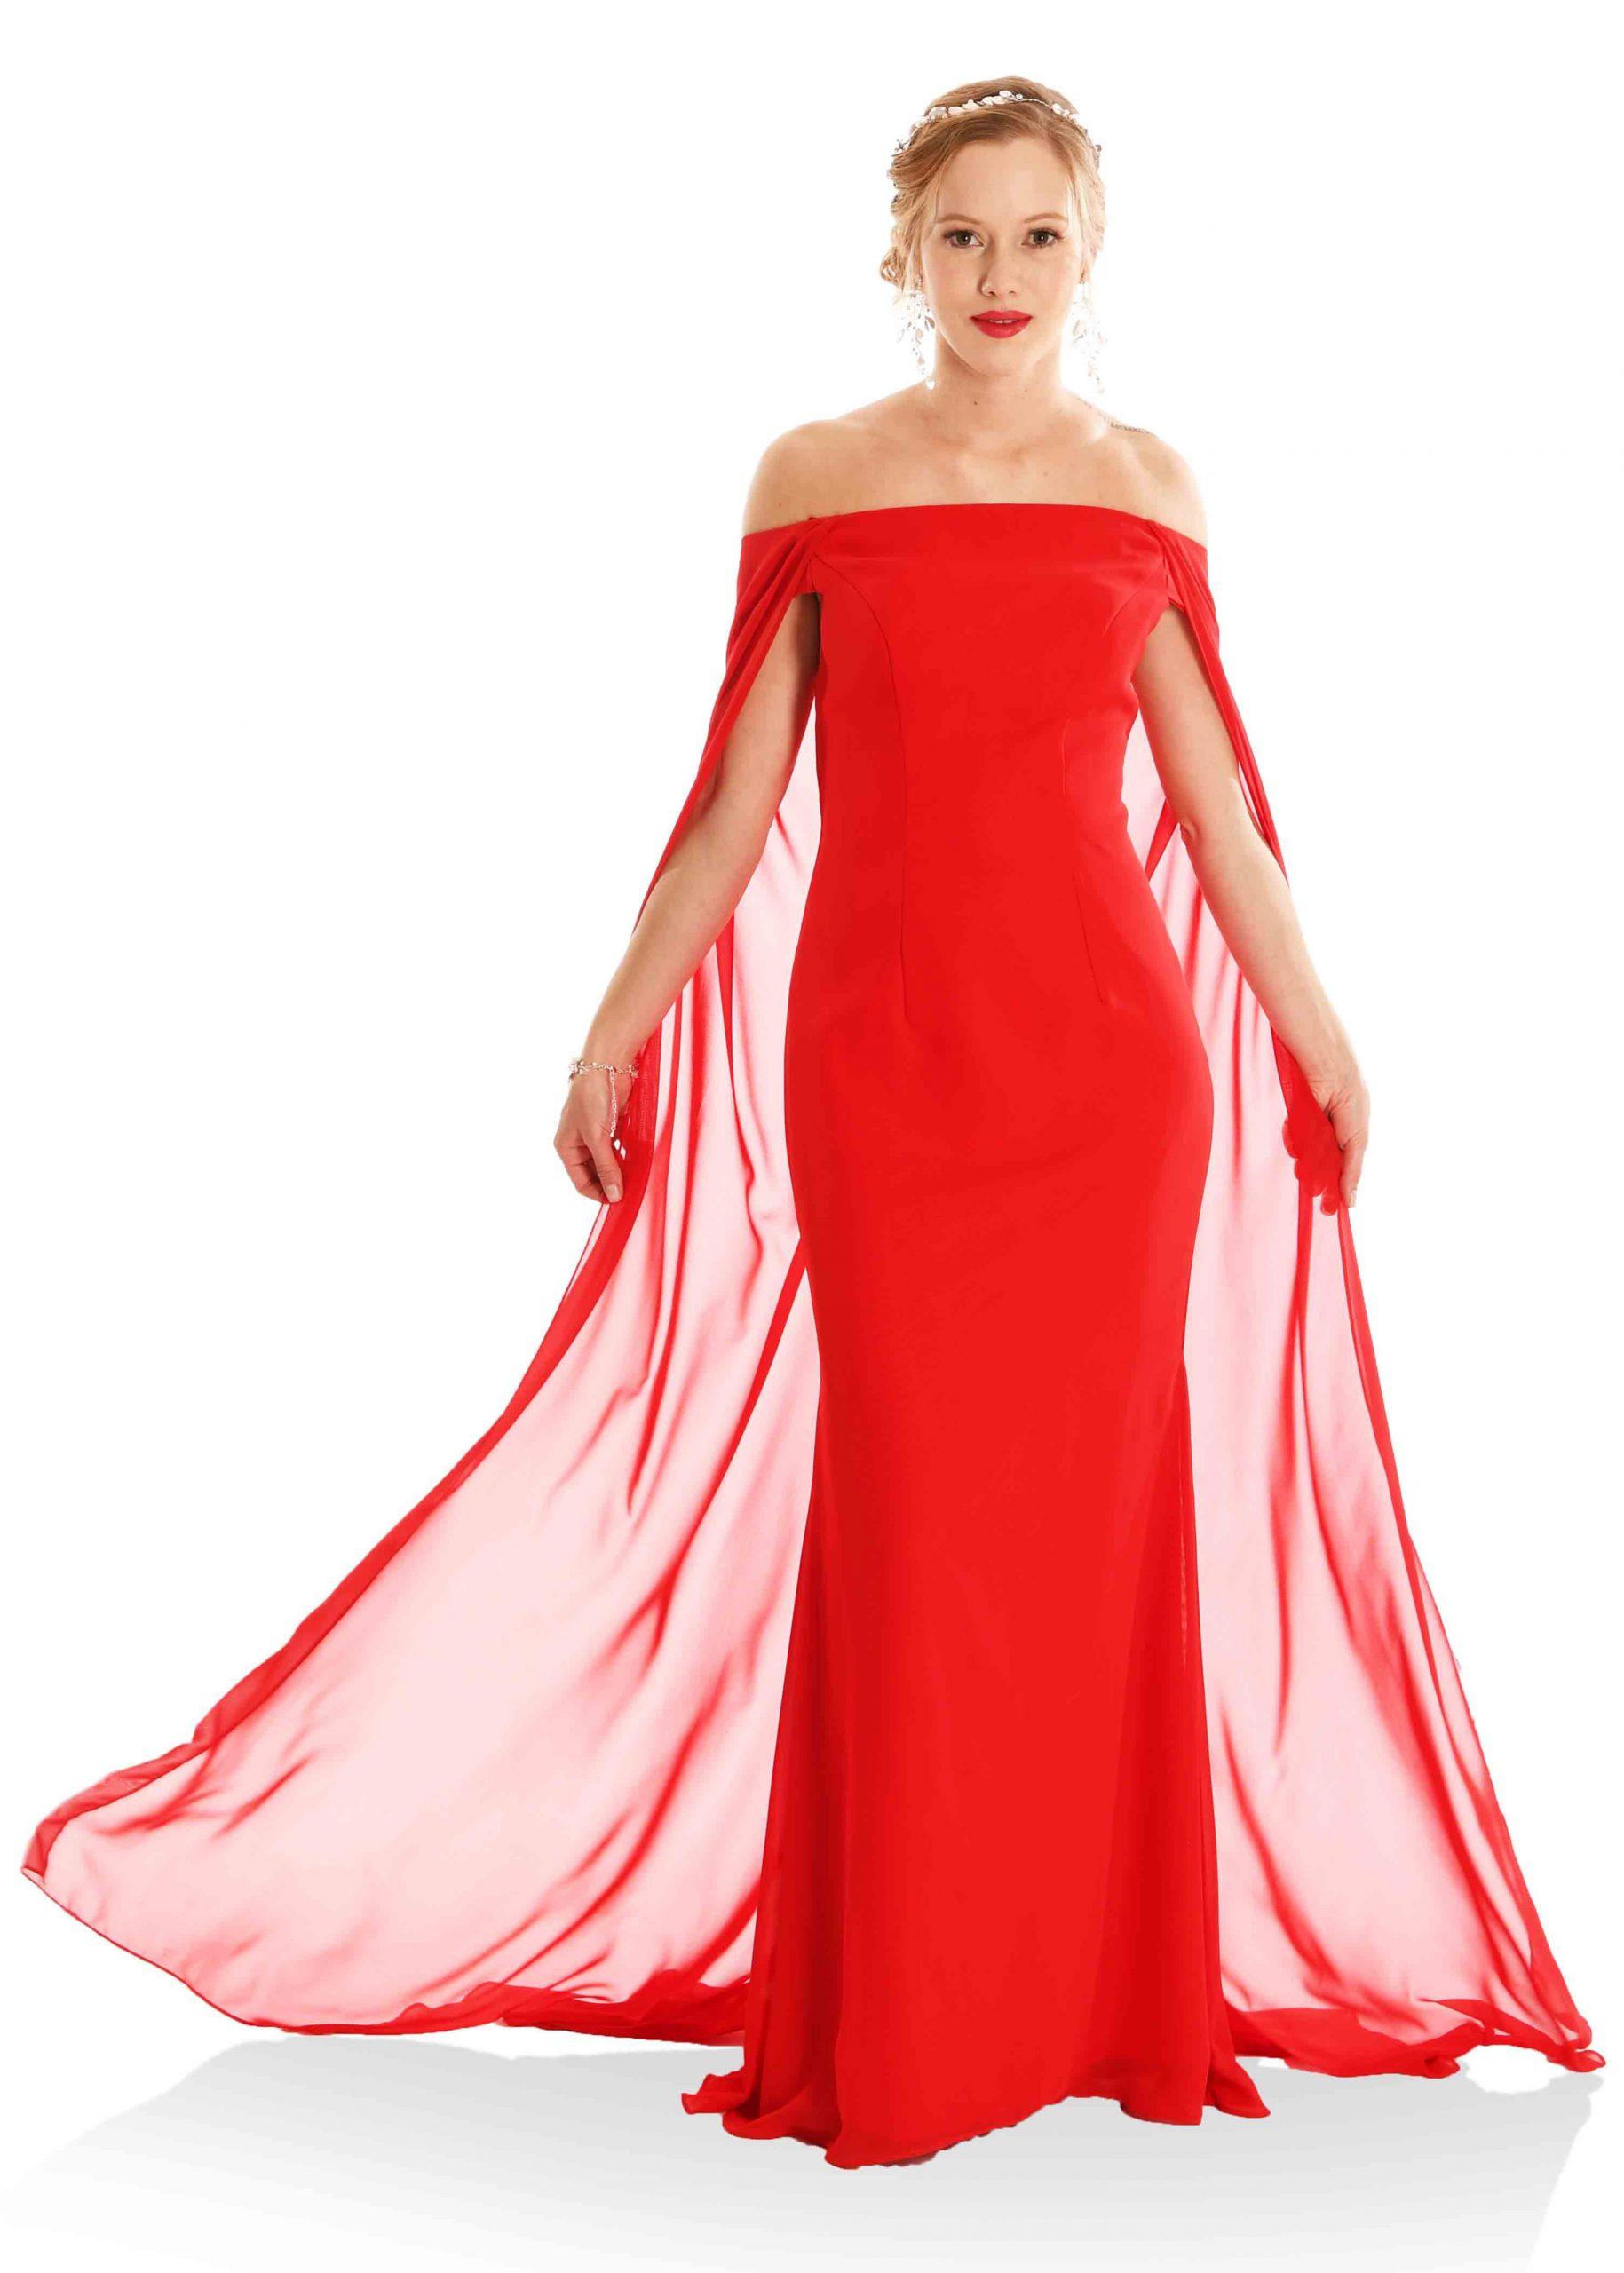 Abend Fantastisch Marken Abend Kleider Design17 Genial Marken Abend Kleider Stylish